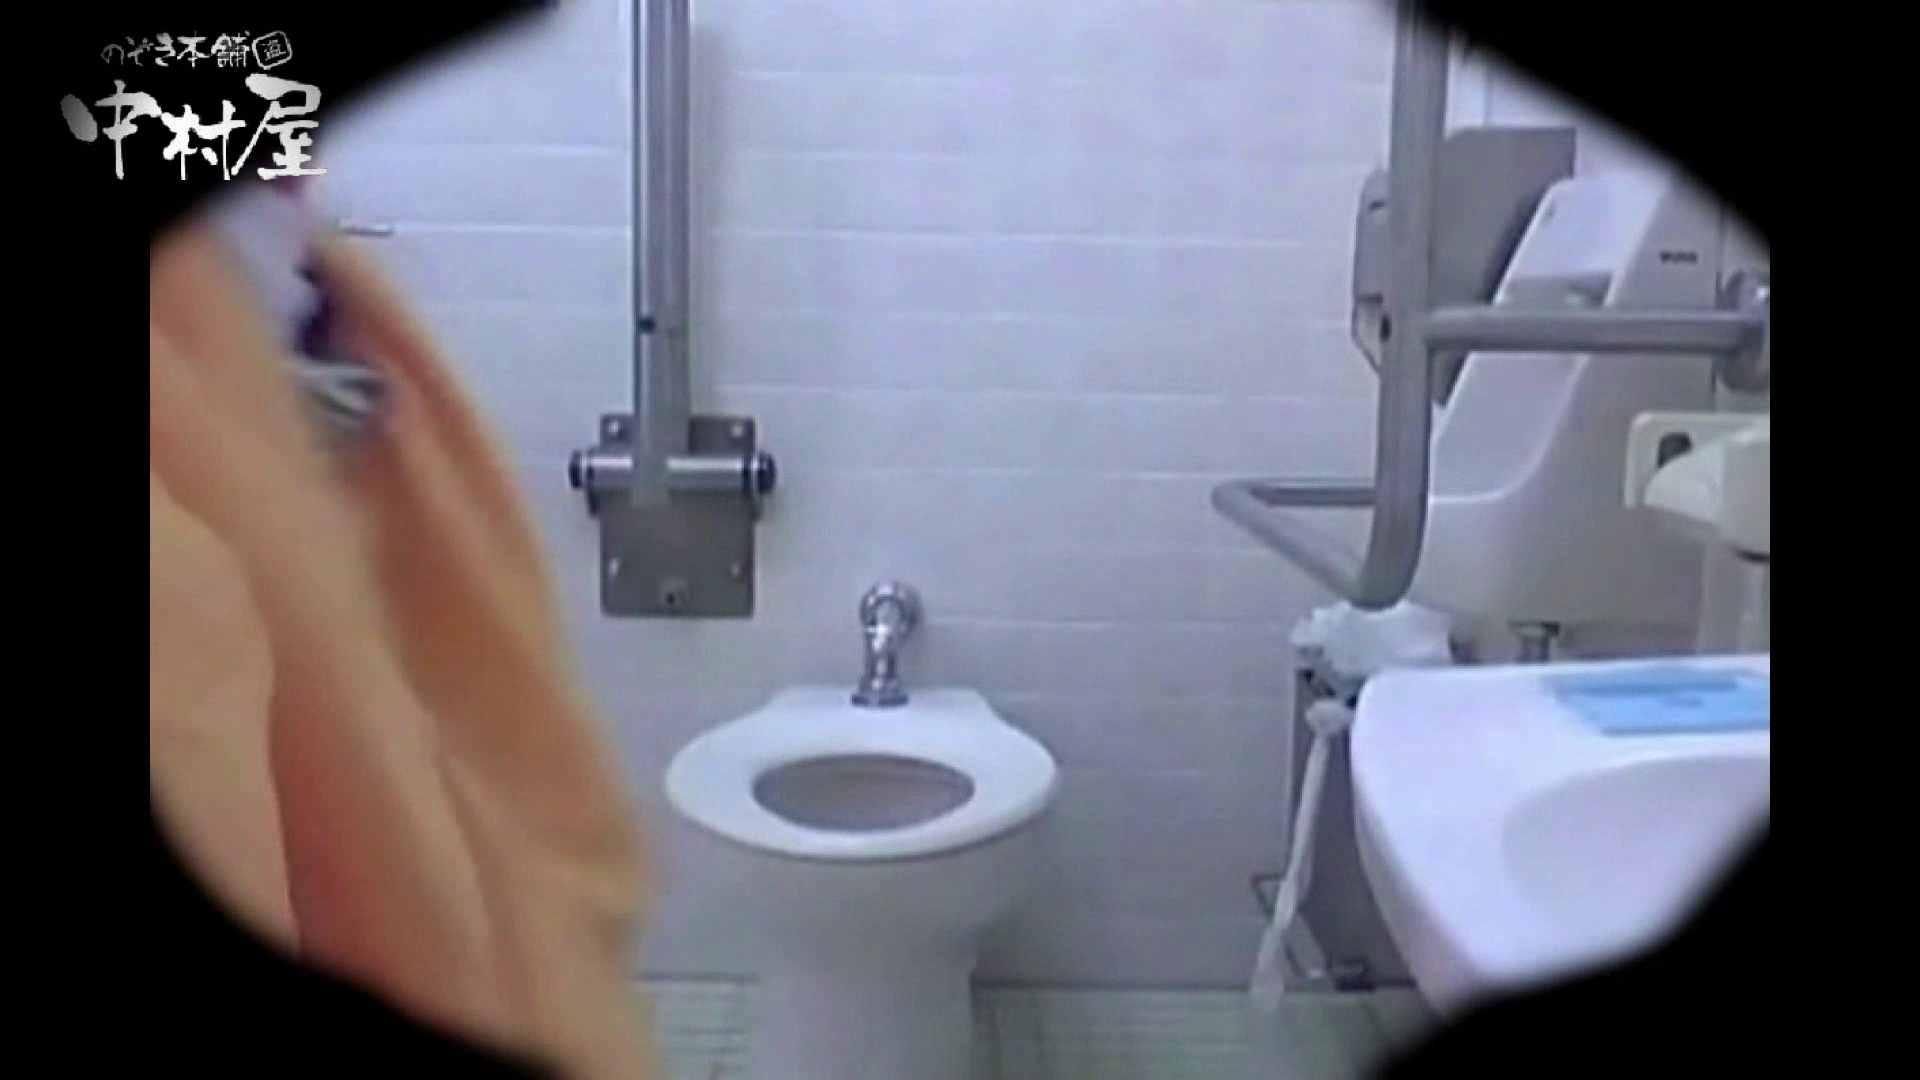 teen galトイレ覗き紙がナイ編‼vol.13 覗き放題 のぞきおめこ無修正画像 59画像 51